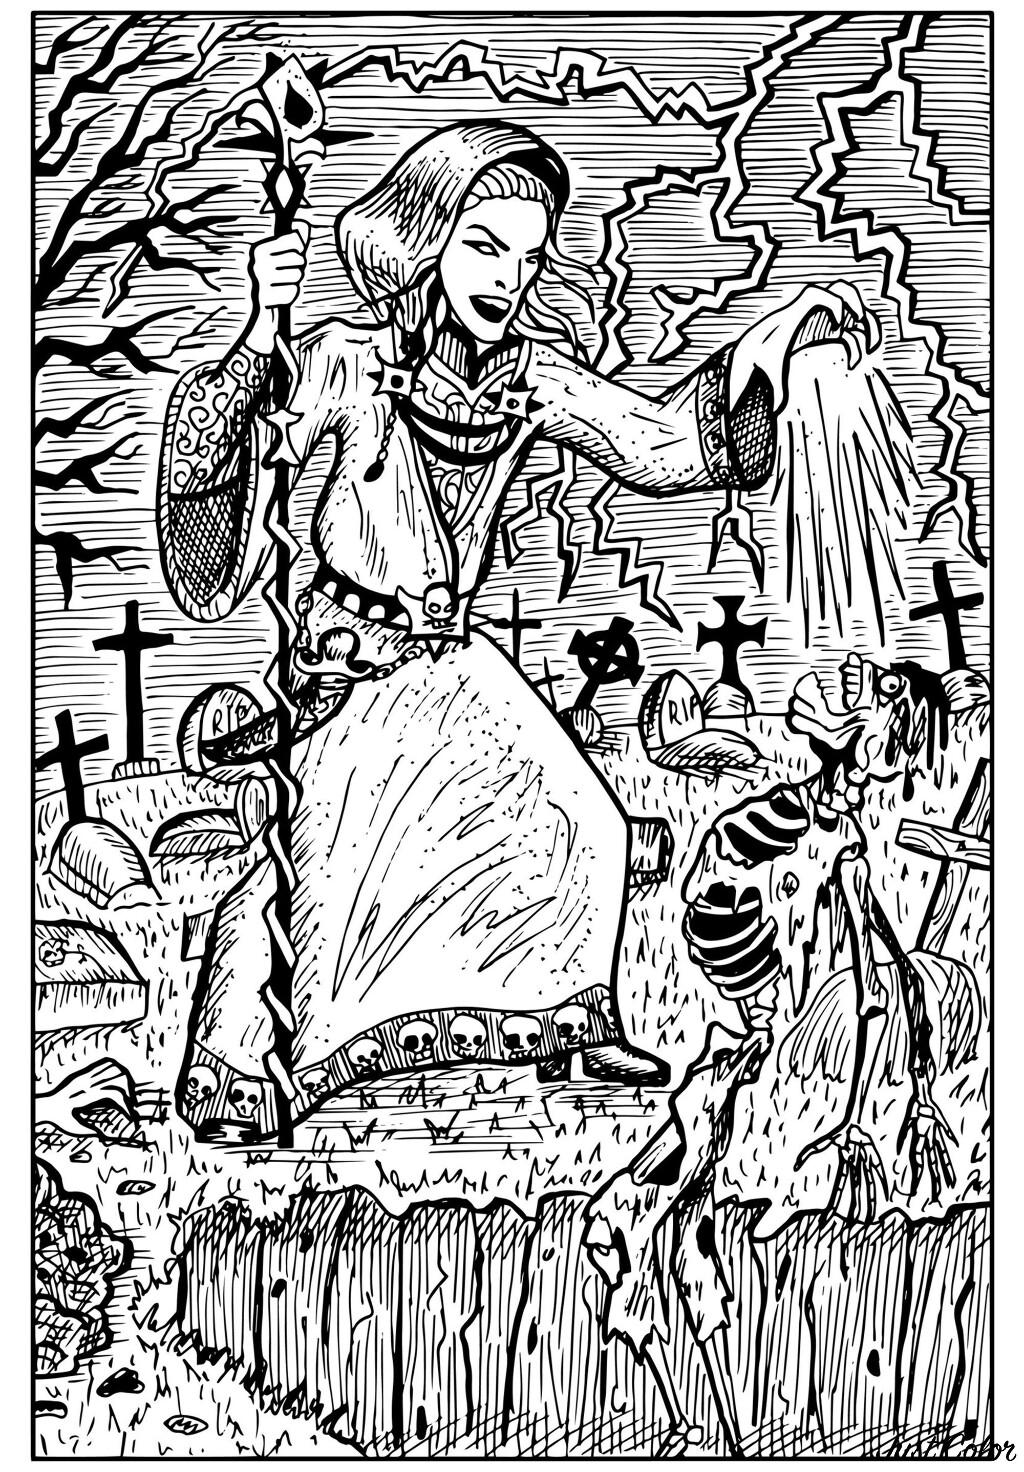 Cette sorcière transforme les squelettes de ce cimetière en morts-vivants grâce à ses sorts maléfiques.